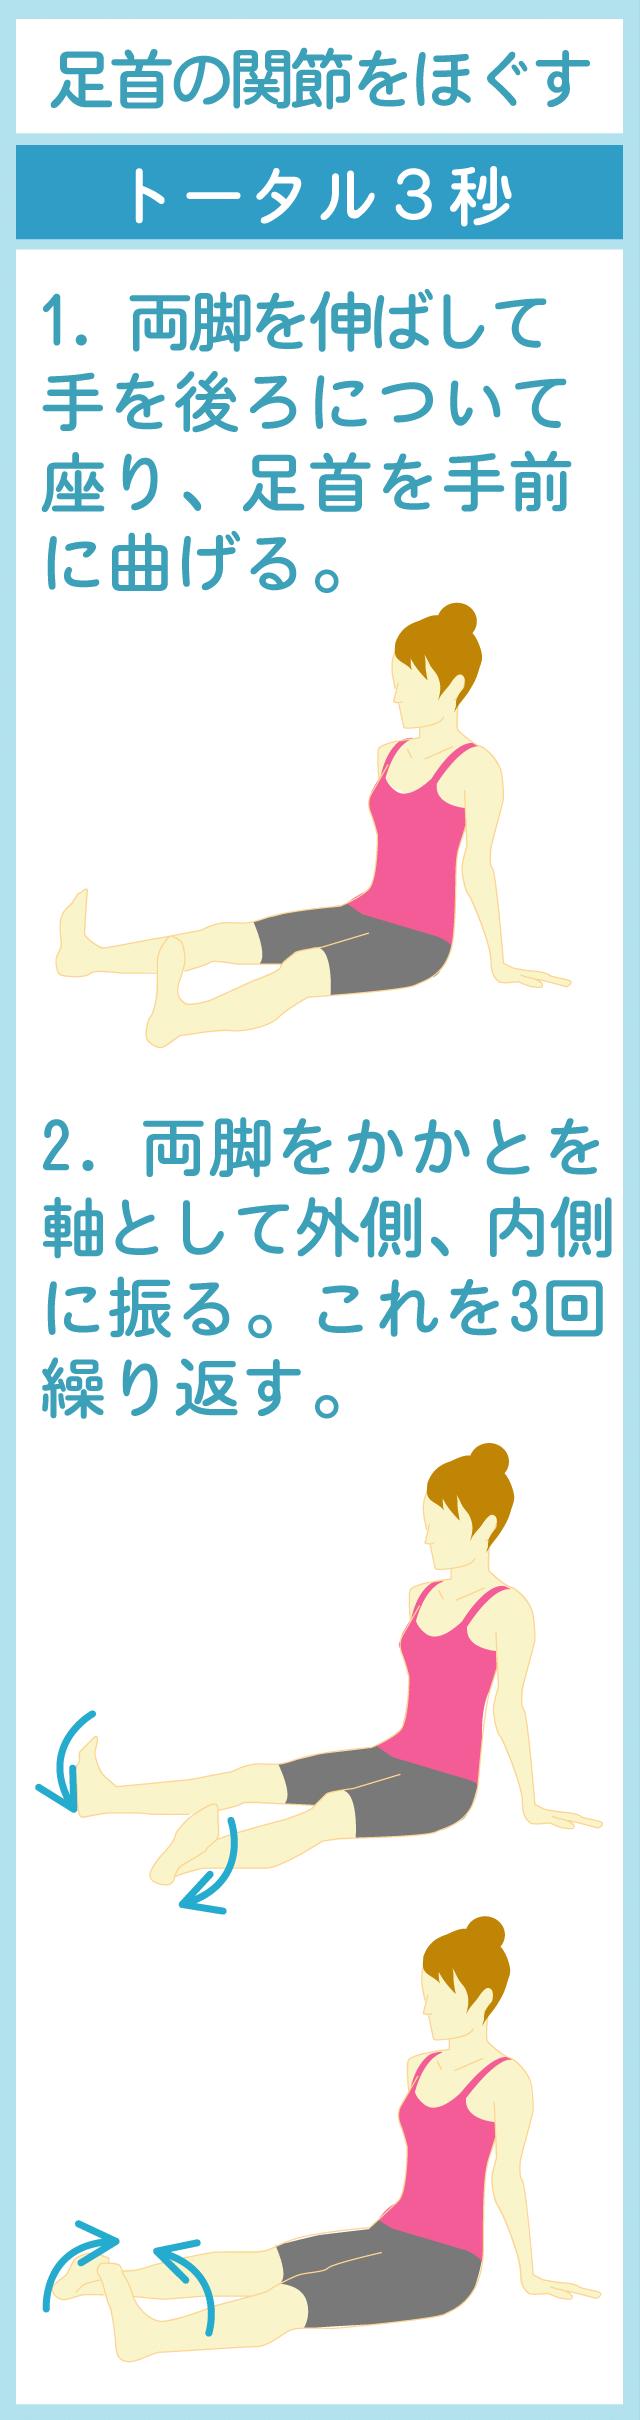 足首の内旋・外旋ストレッチ